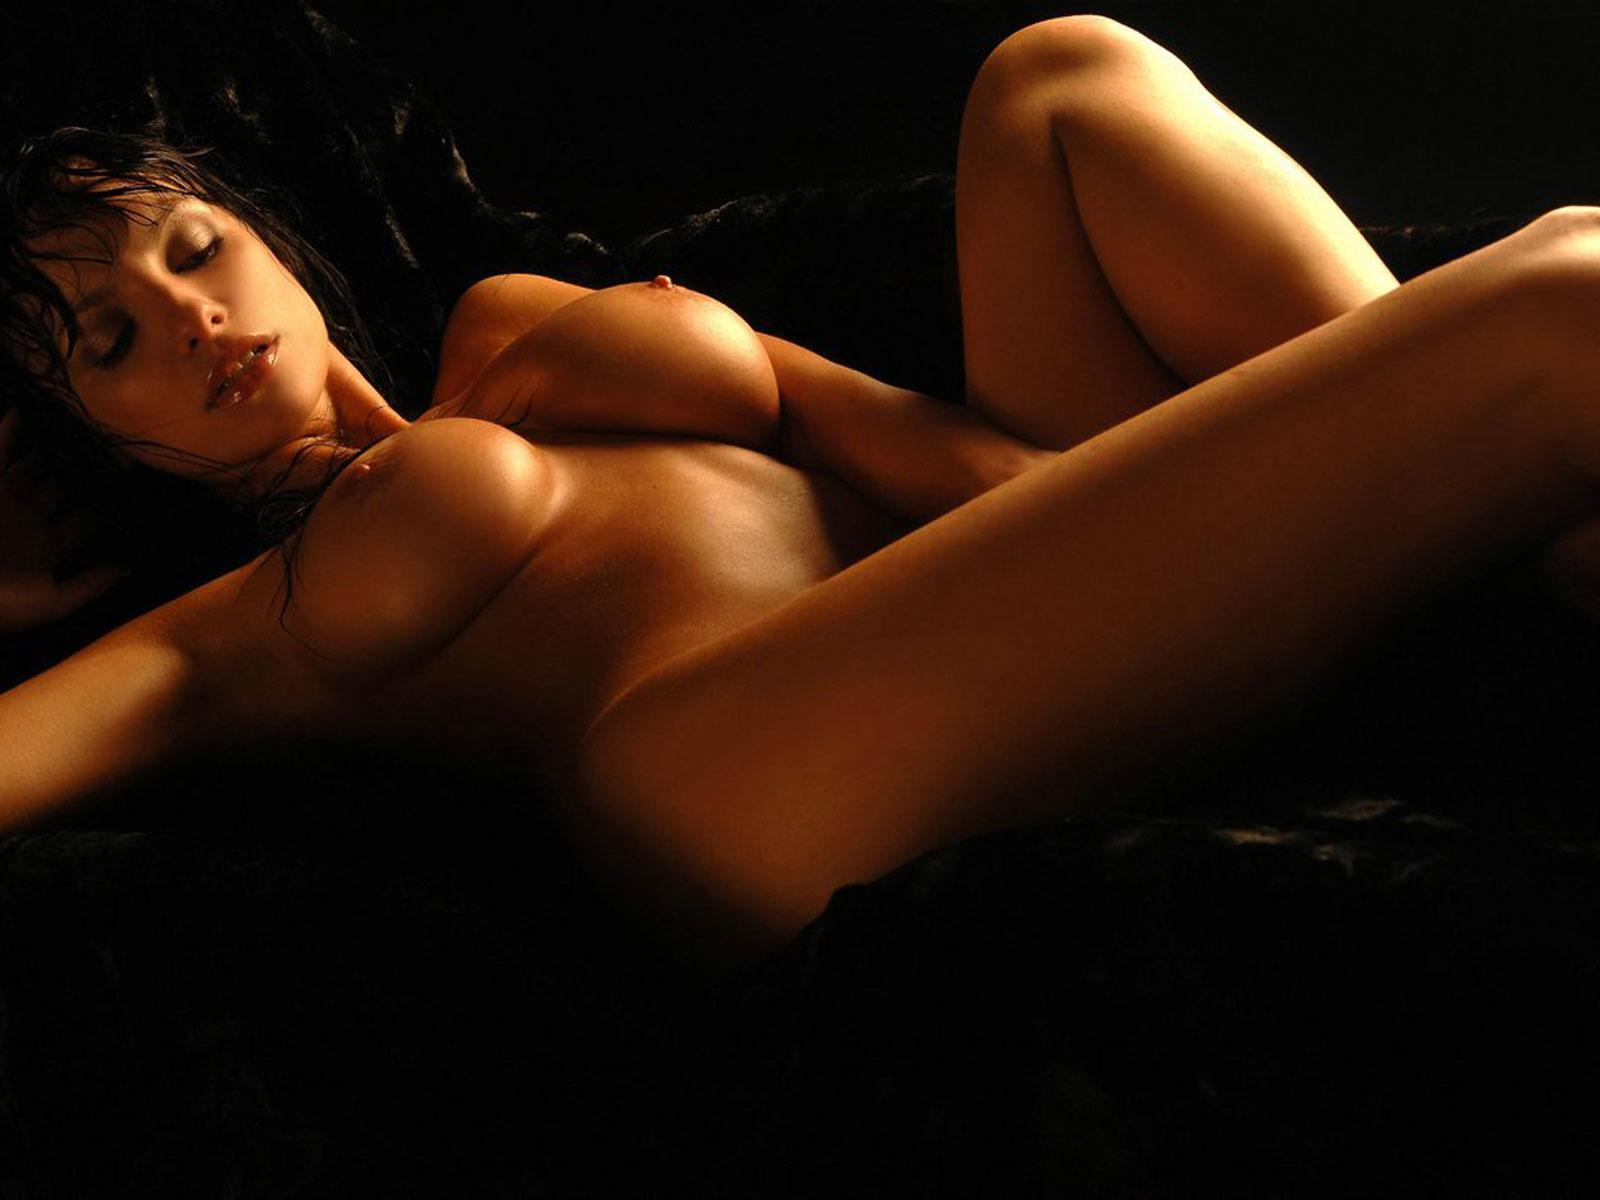 скорострельный секс видео